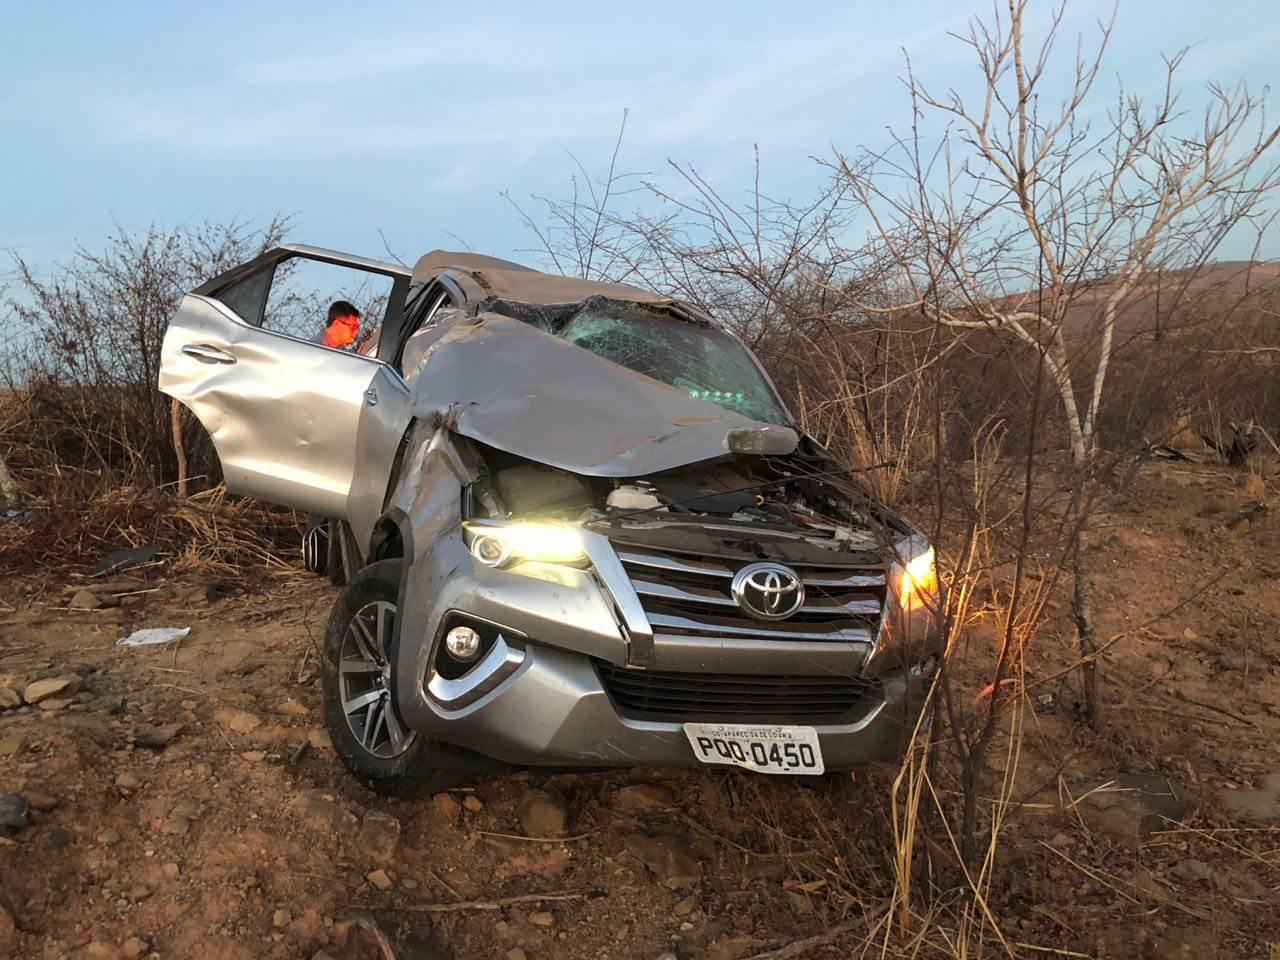 Condutor teria perdido o controle do carro | Foto: divulgação